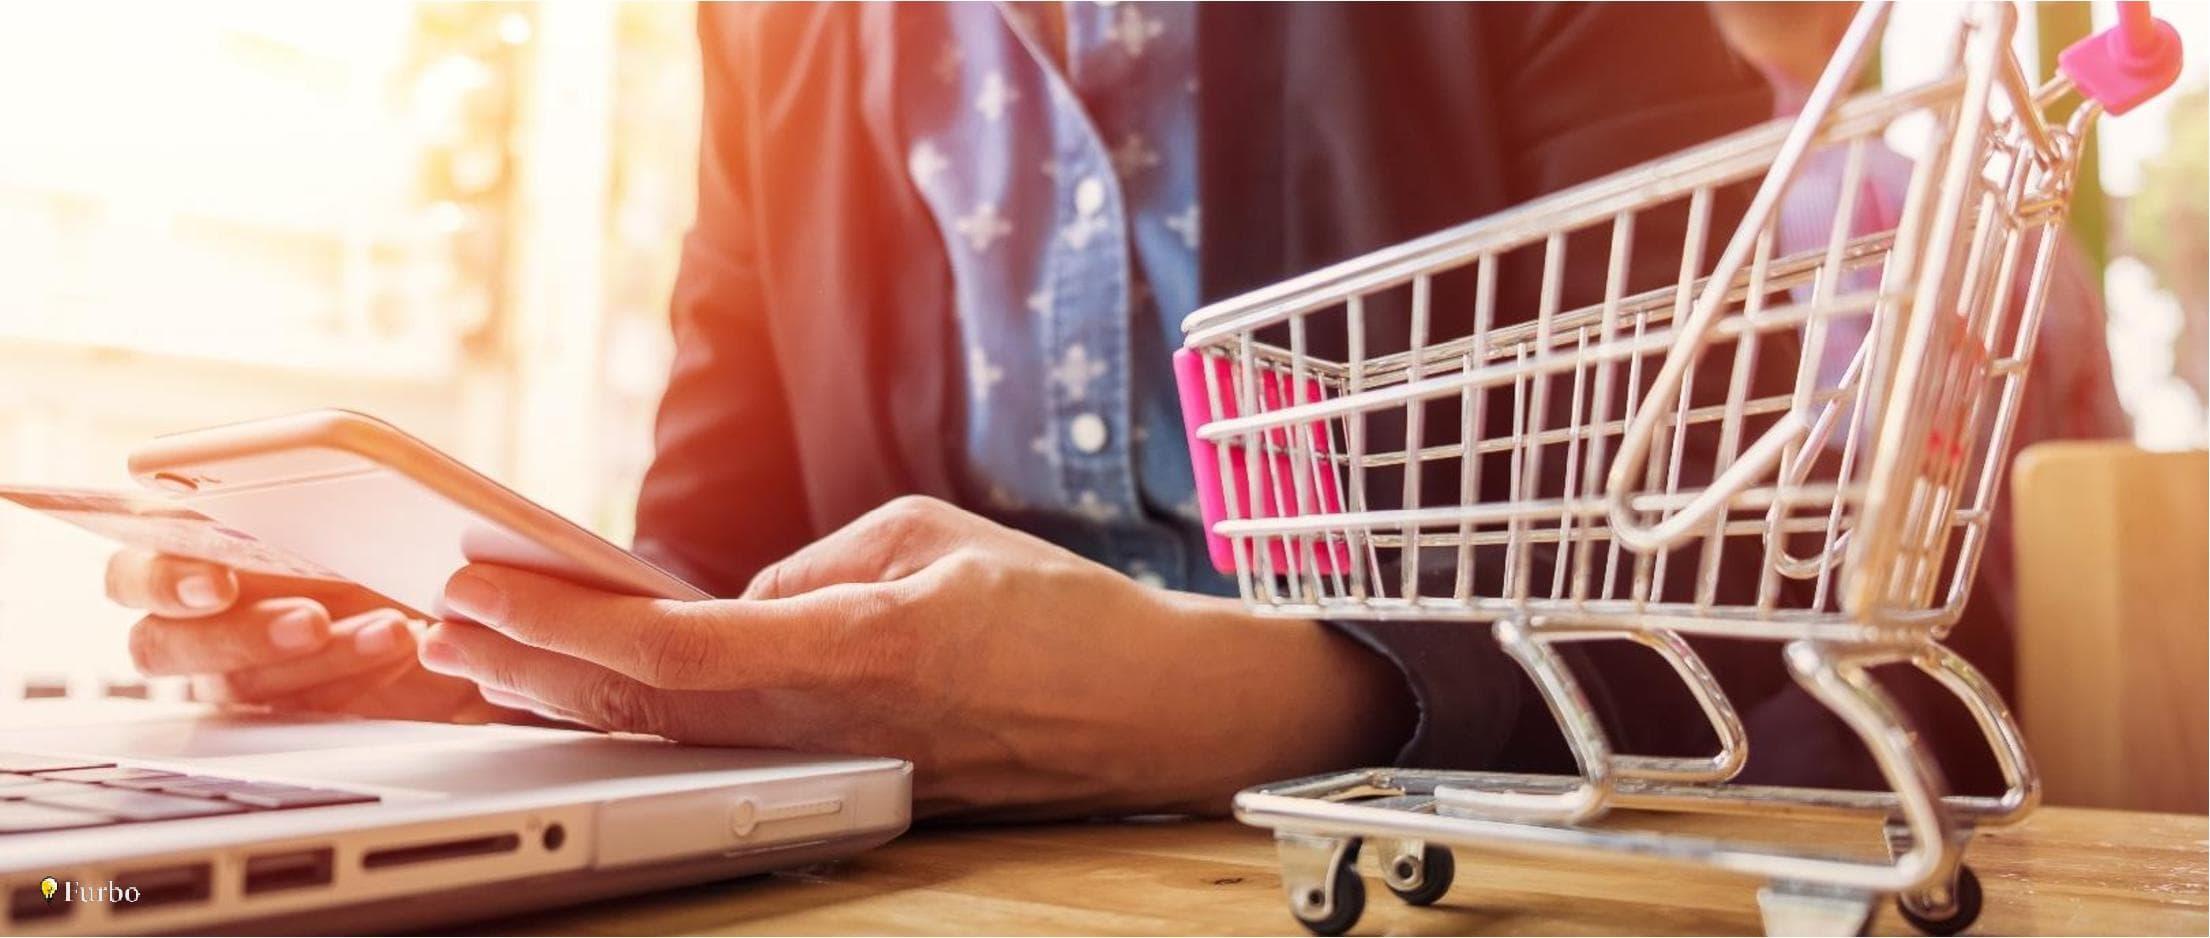 با دو مدل سایت محتوایی و سایت فروشگاهی آشنا شوید